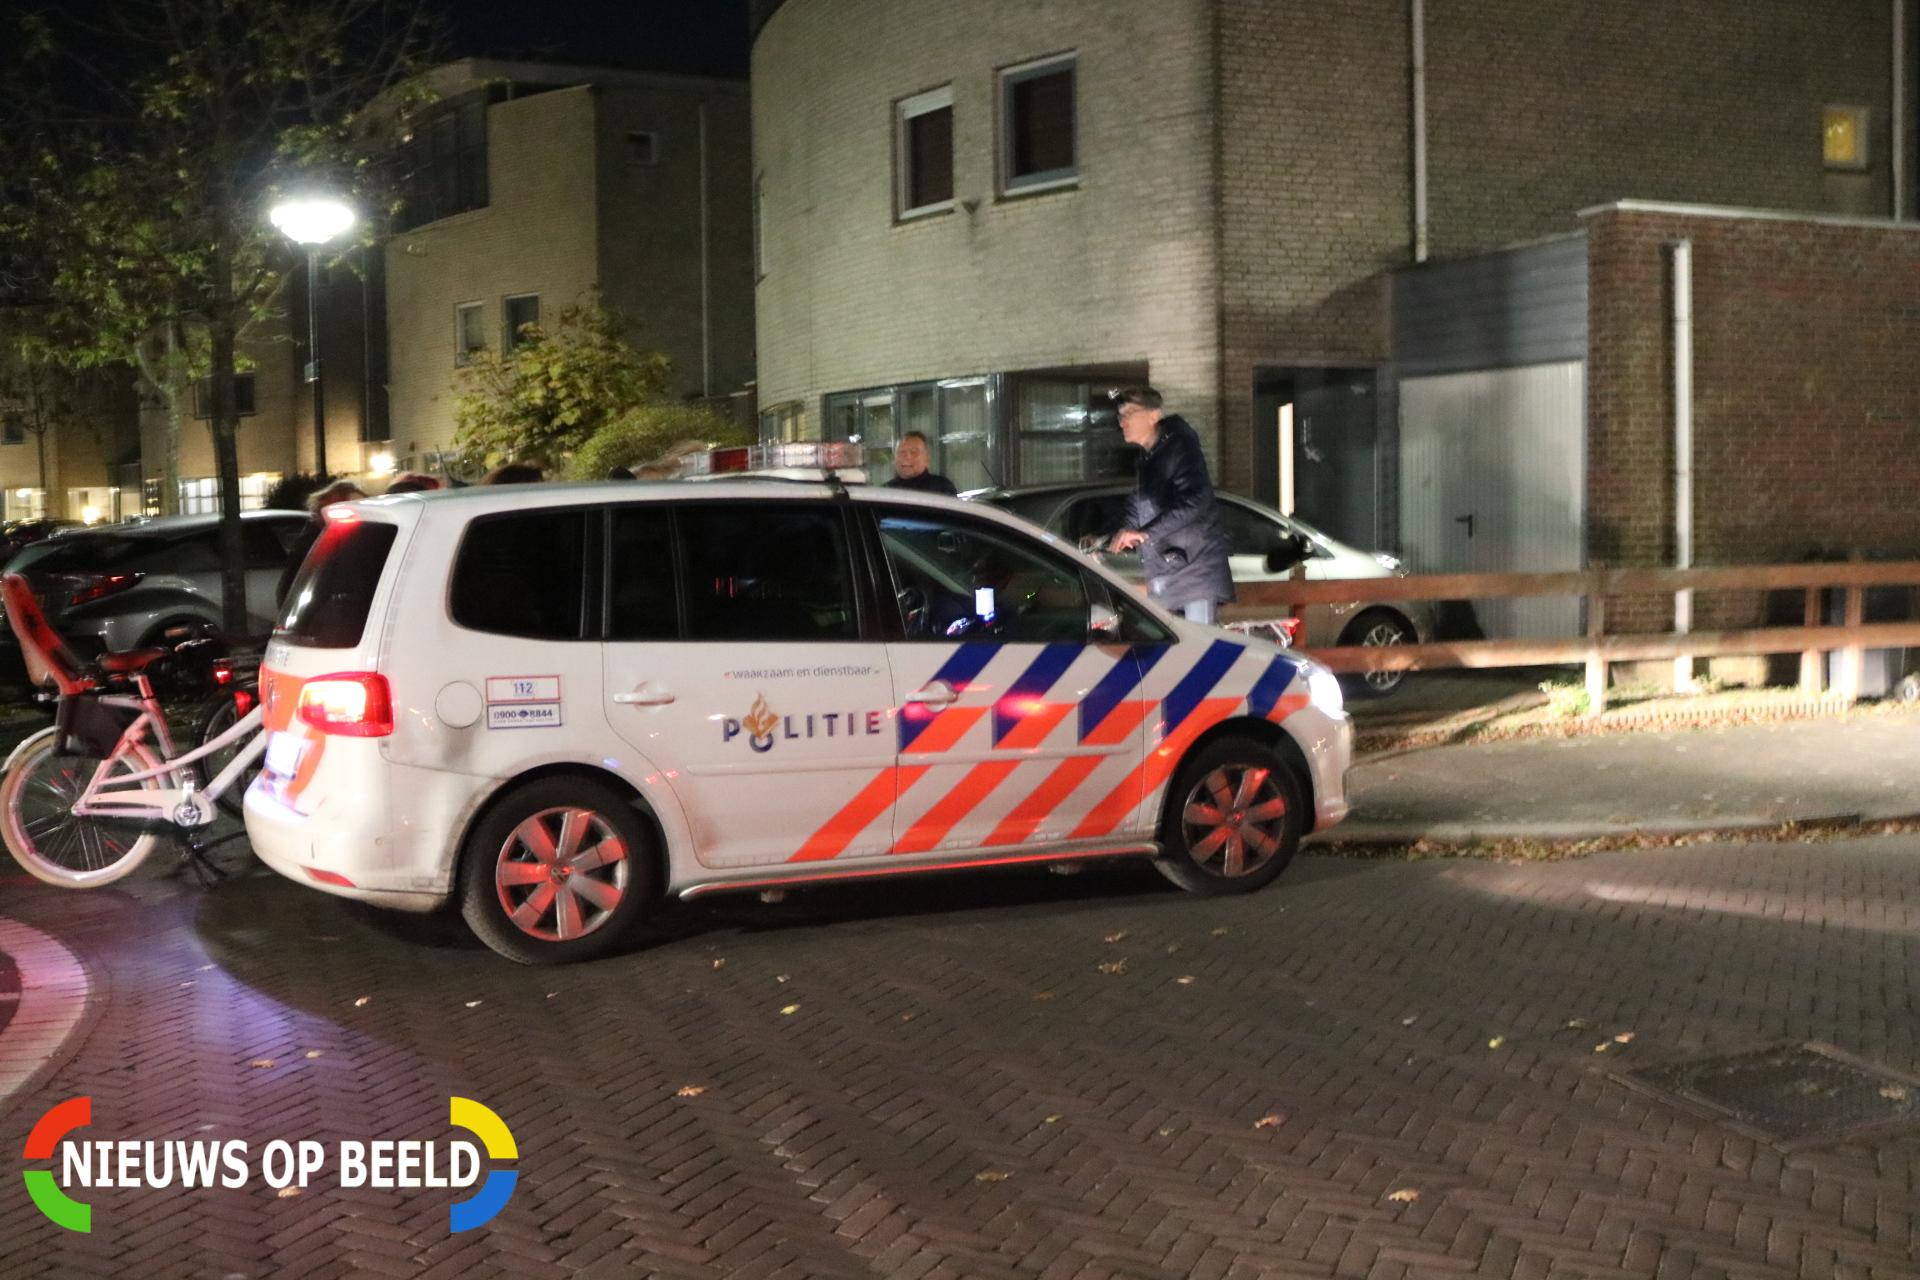 Politie en bewoners massaal op zoek naar vermiste 7-jarige jongen Kerkweg Zuidland